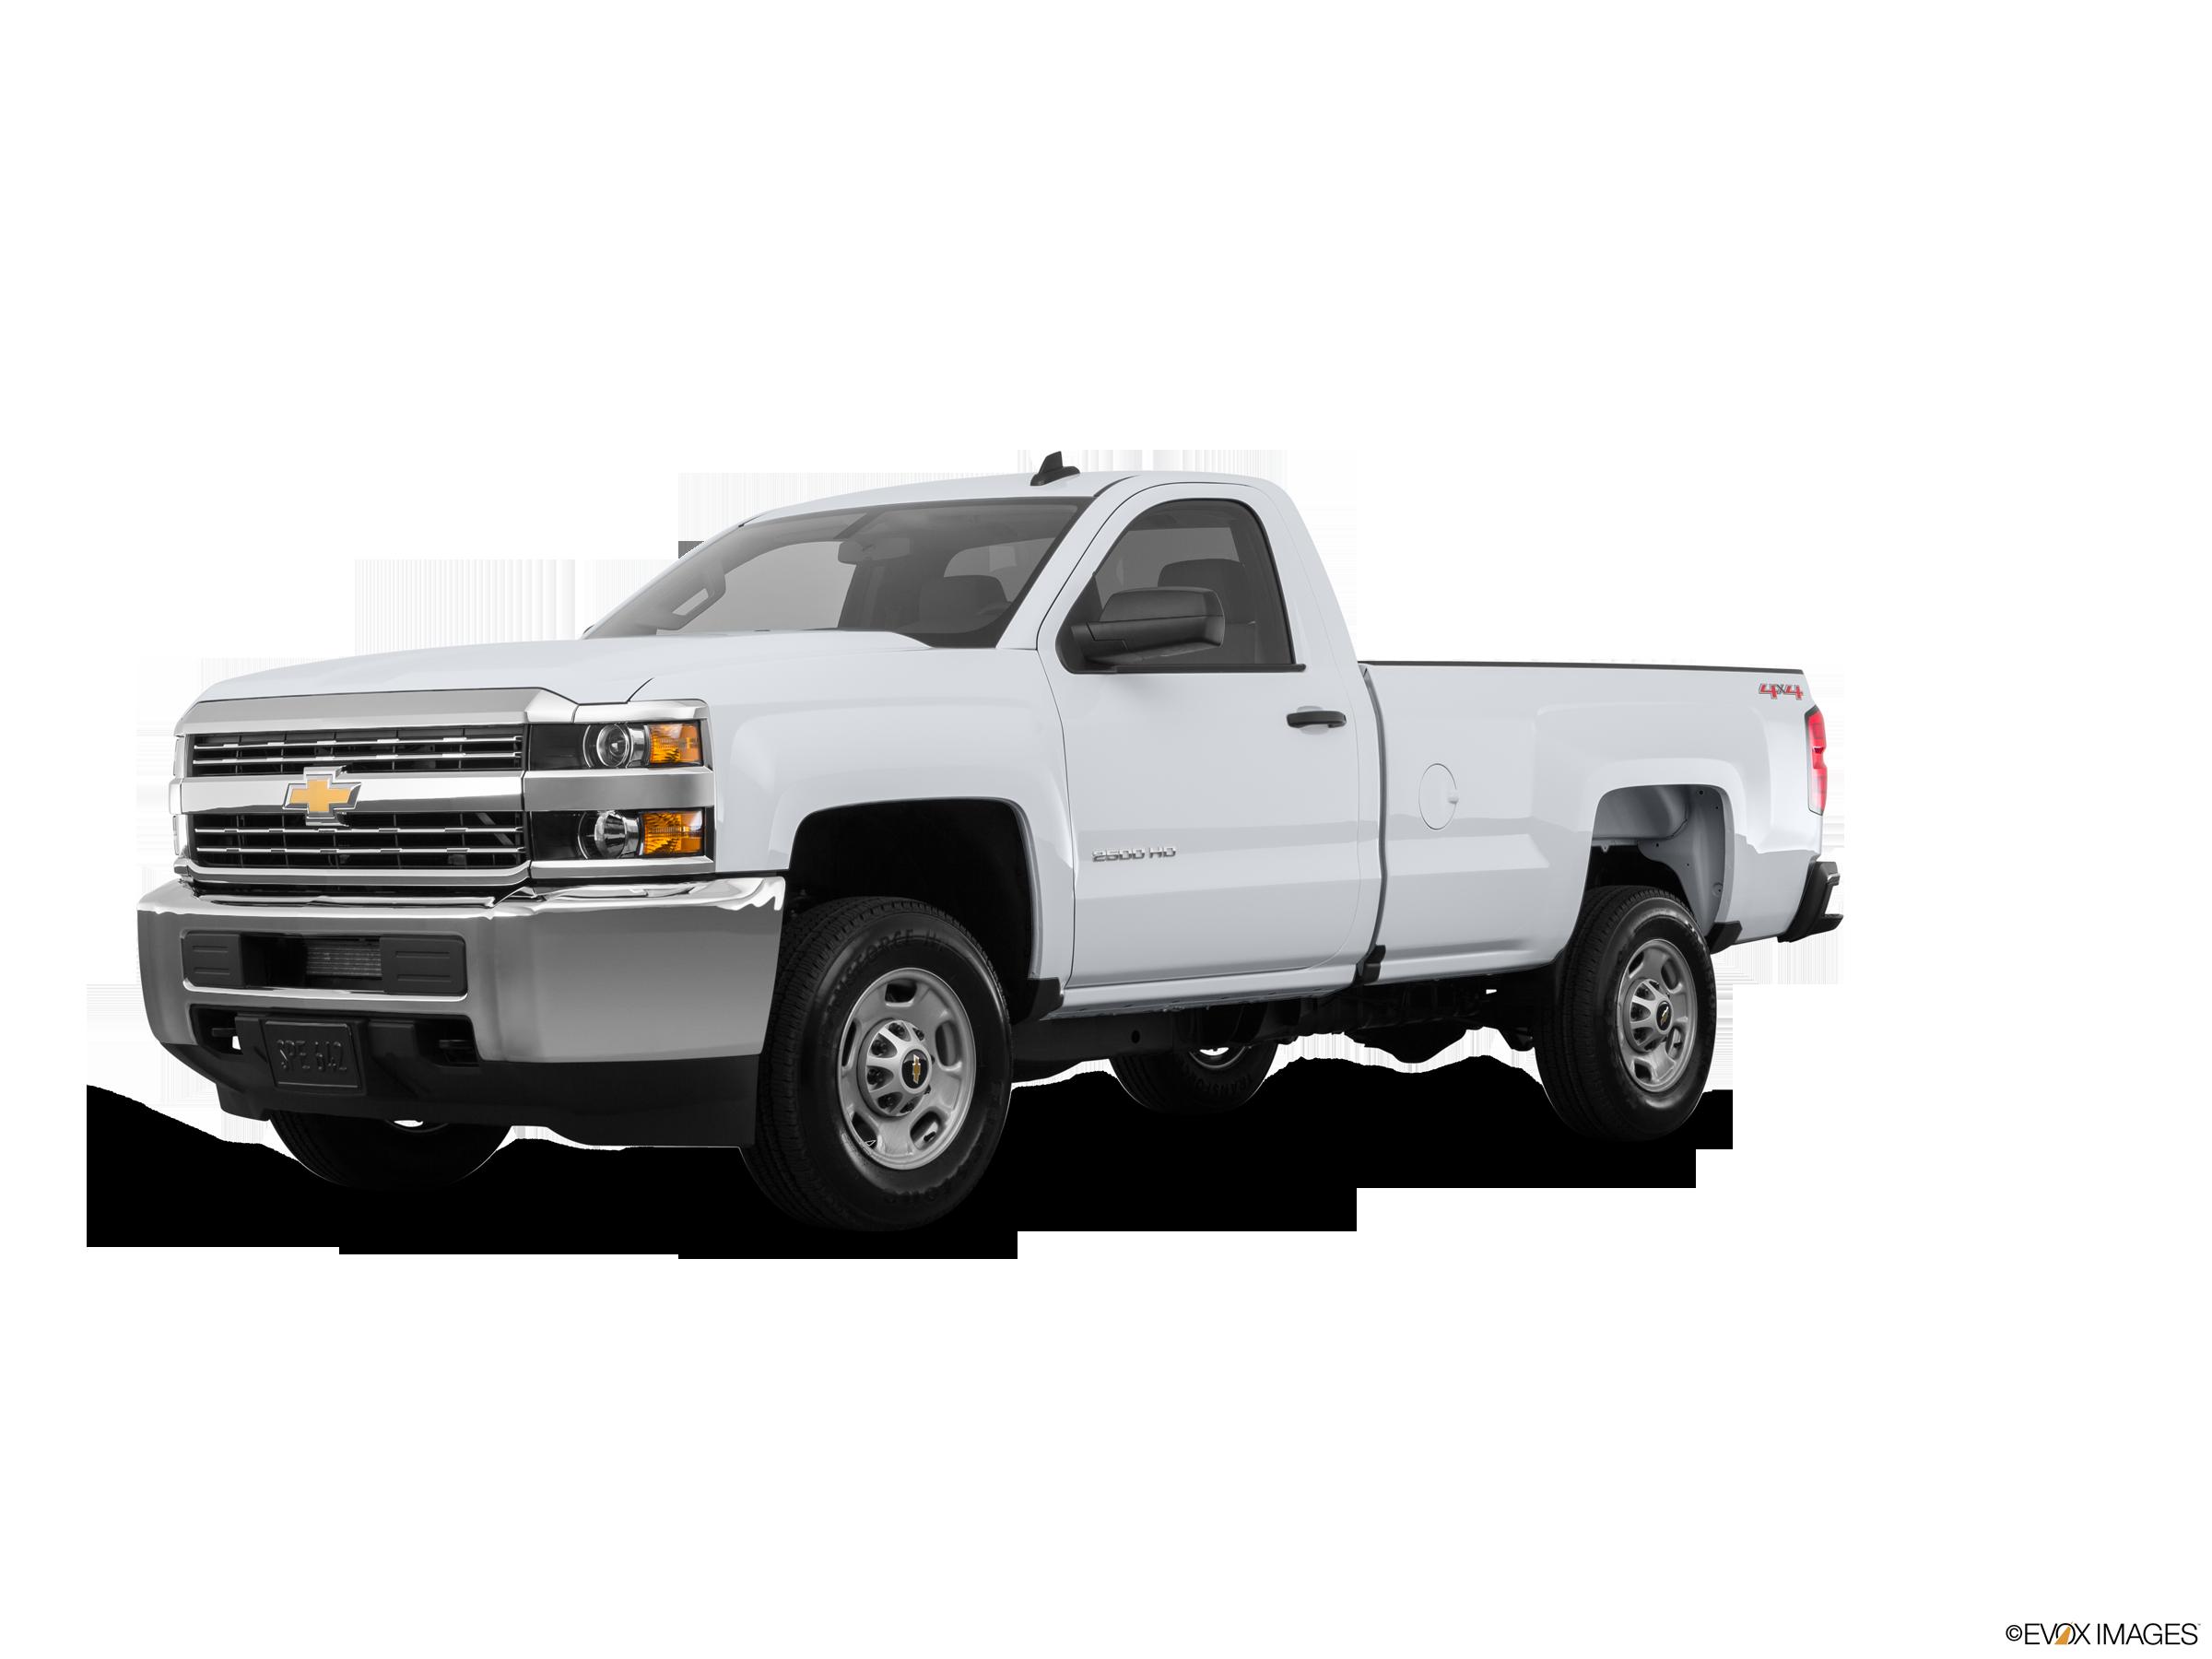 2017 Chevrolet Silverado 2500 Values Cars For Sale Kelley Blue Book